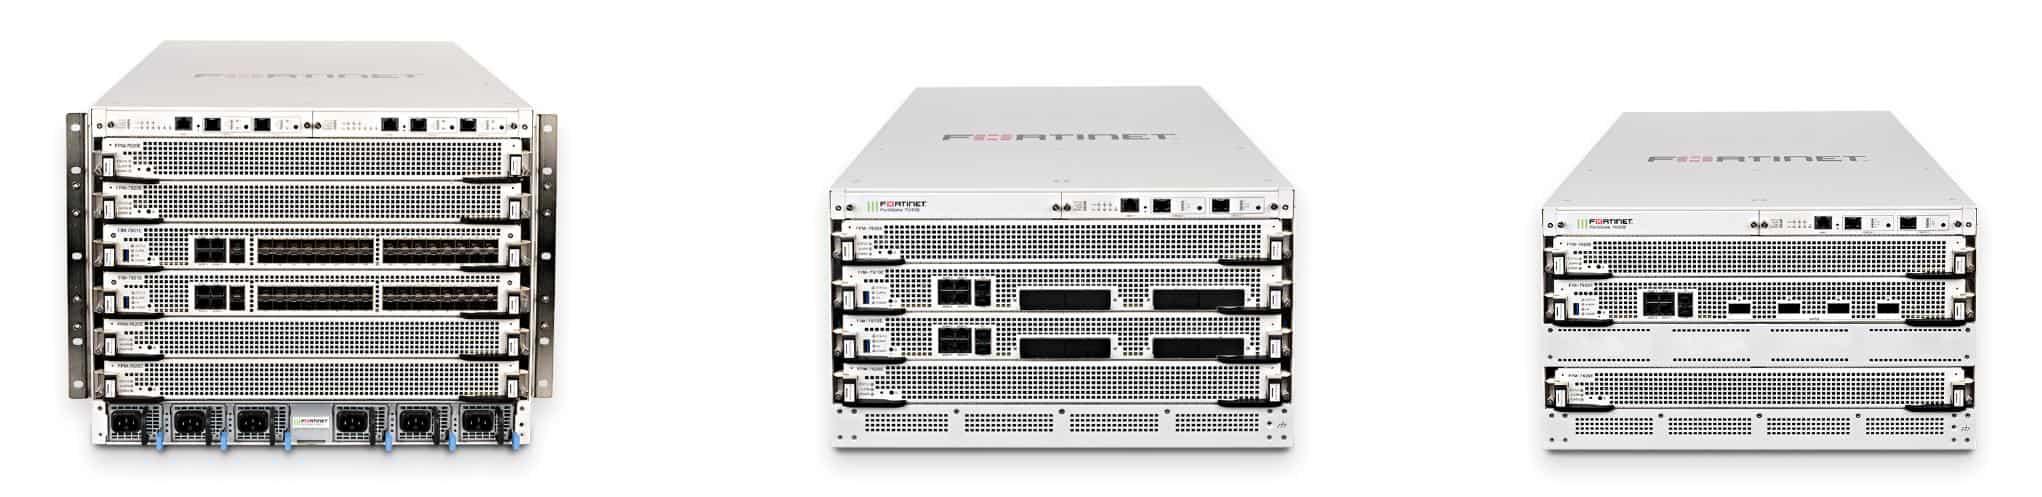 FortiGate 7000E Series